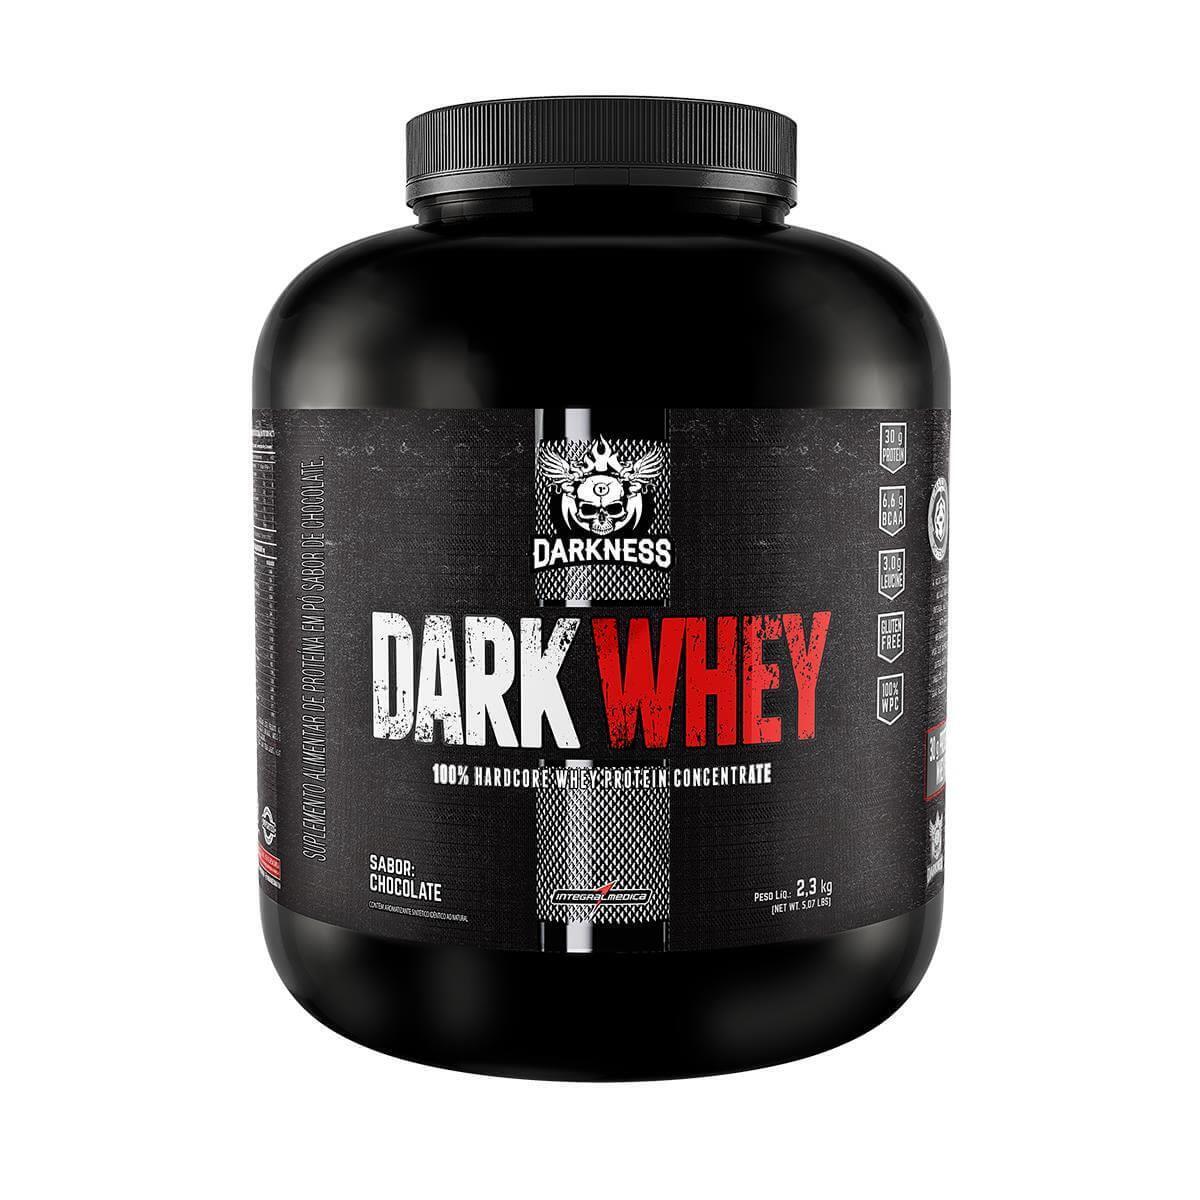 Dark Whey 2,300kg - Darkness